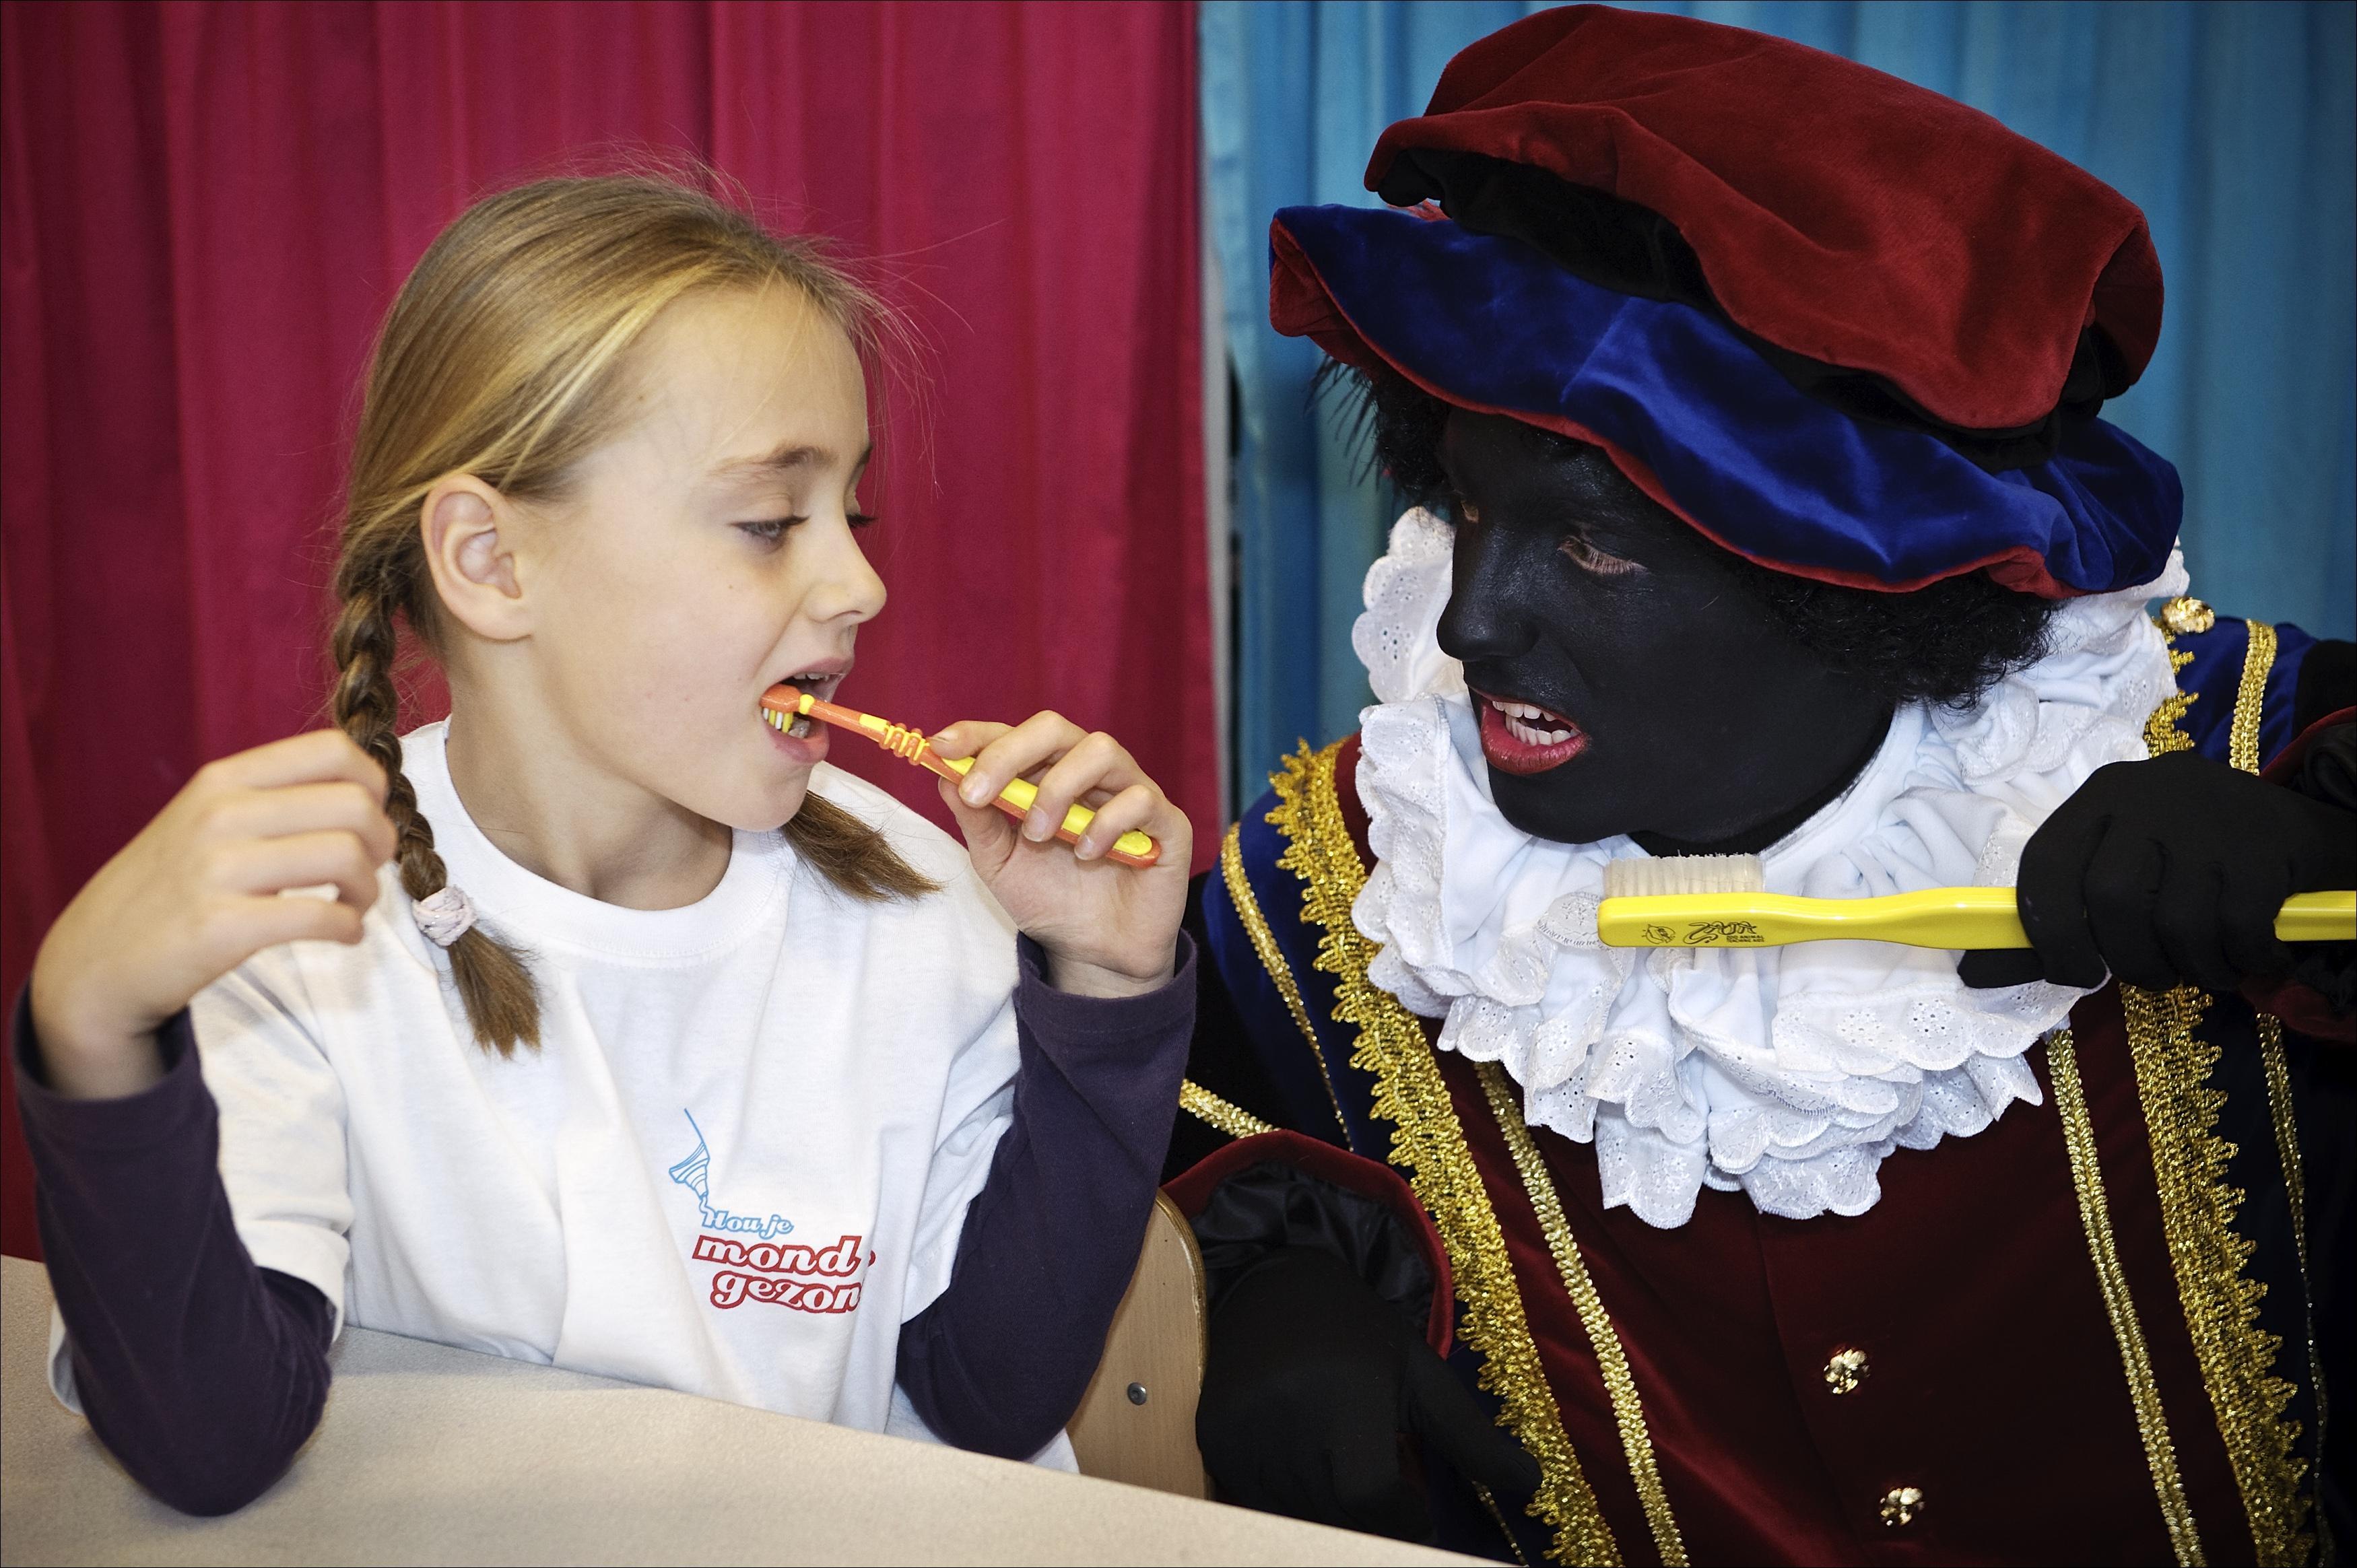 Scholen in de regio willen dit jaar een andere Piet